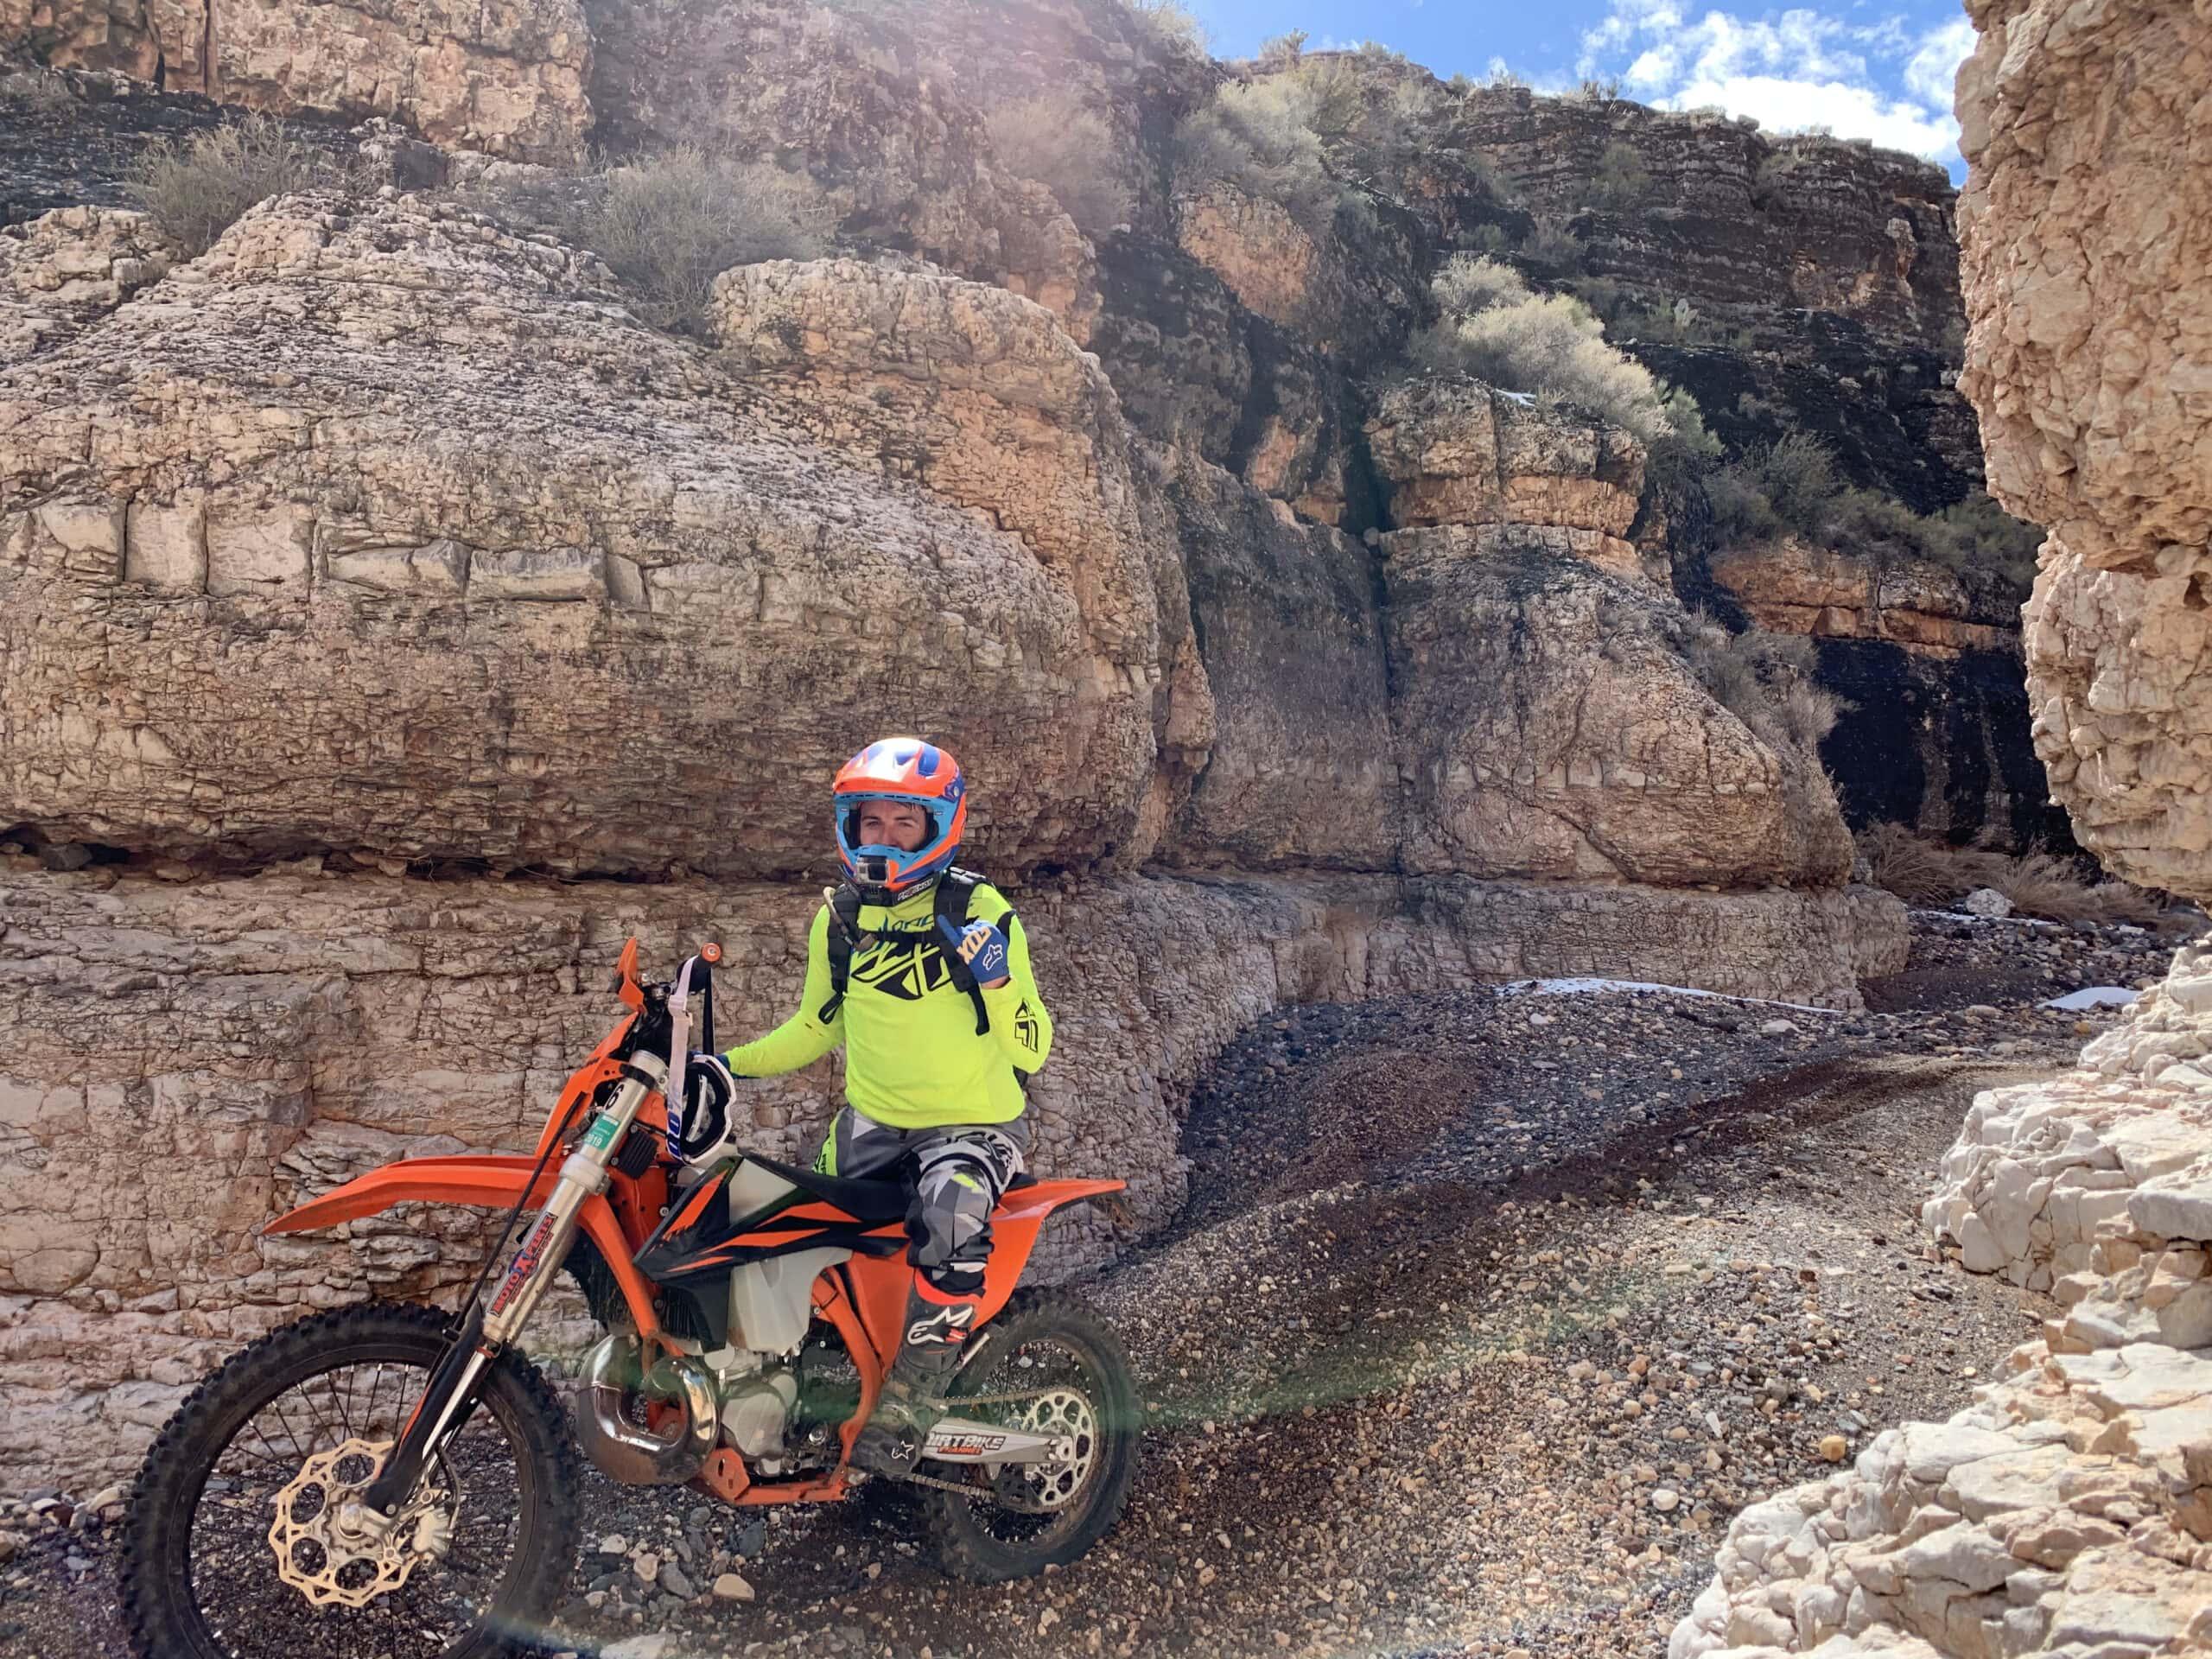 Fox racing dirt bike glove